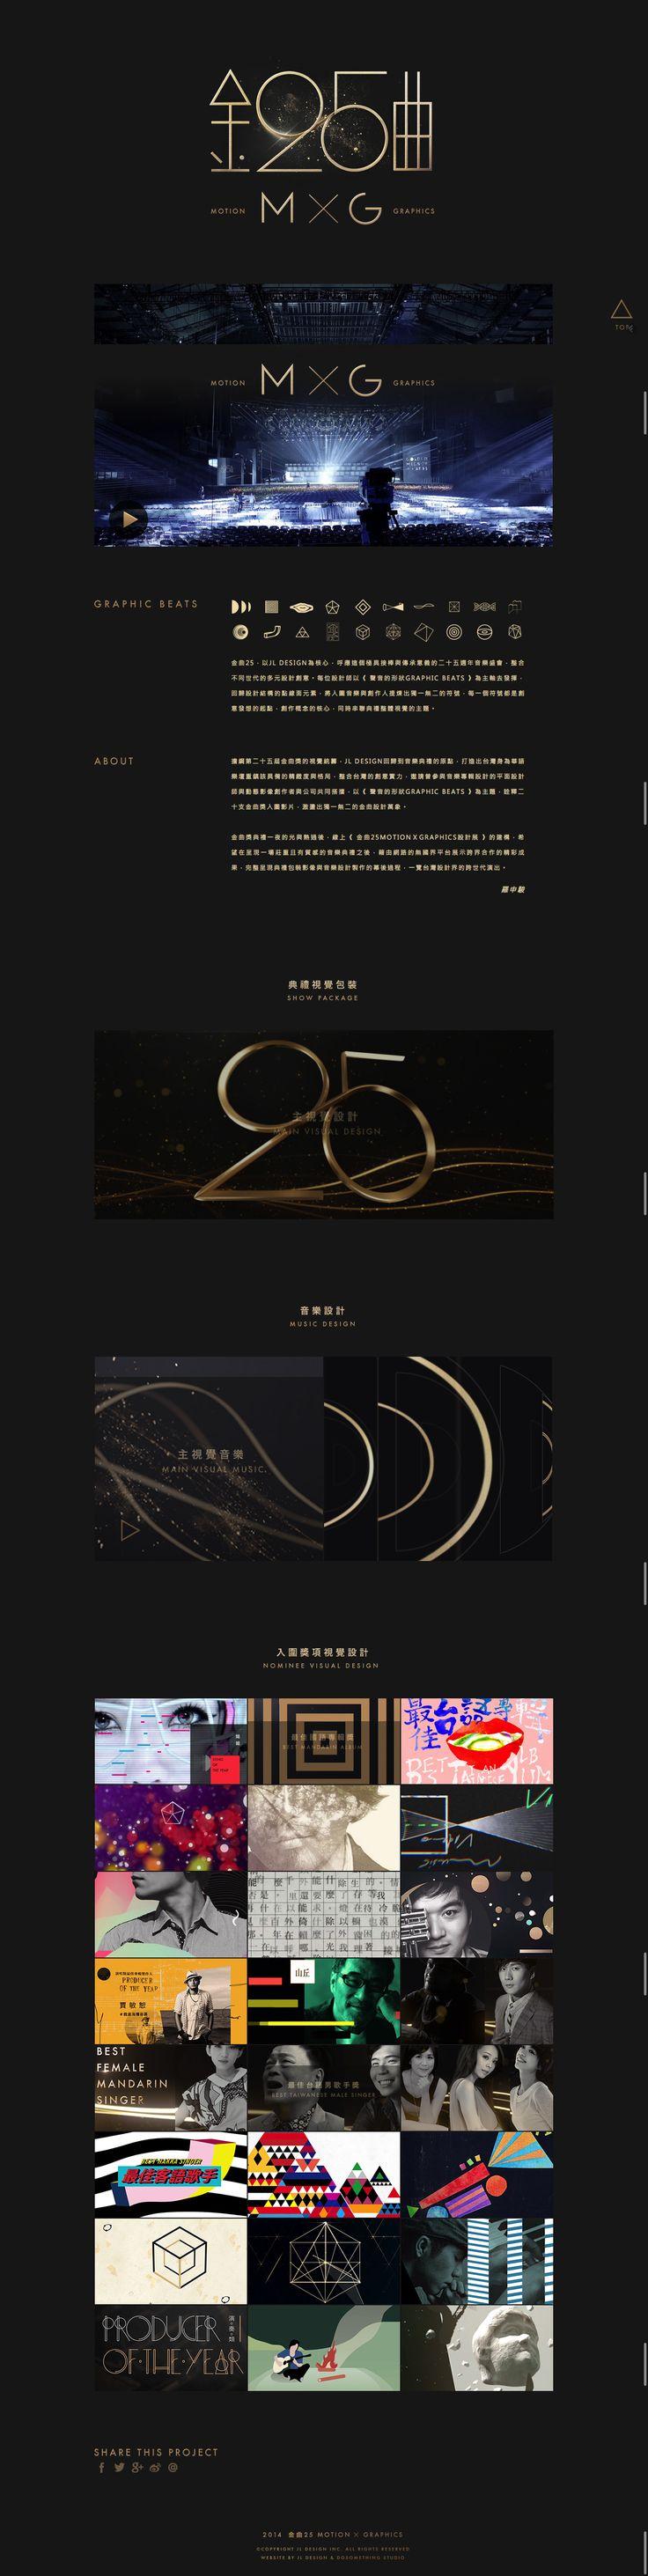 金曲25 MOTION × GRAPHICS http://gma25.tv/index.html